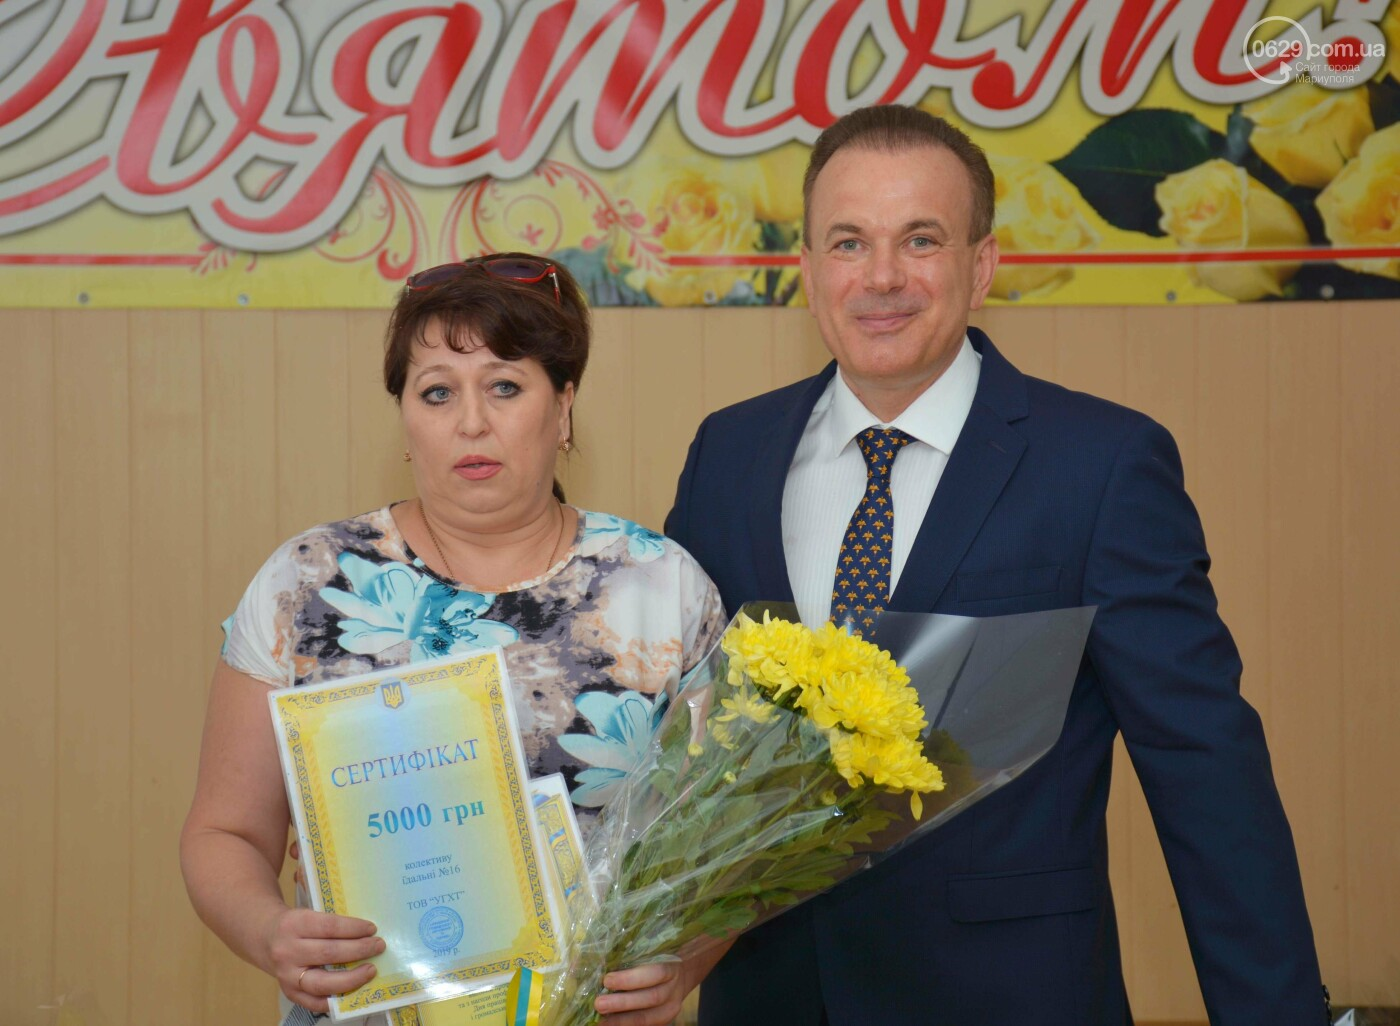 В Мариуполе чествовали лучших работников торговли (ФОТО), фото-6